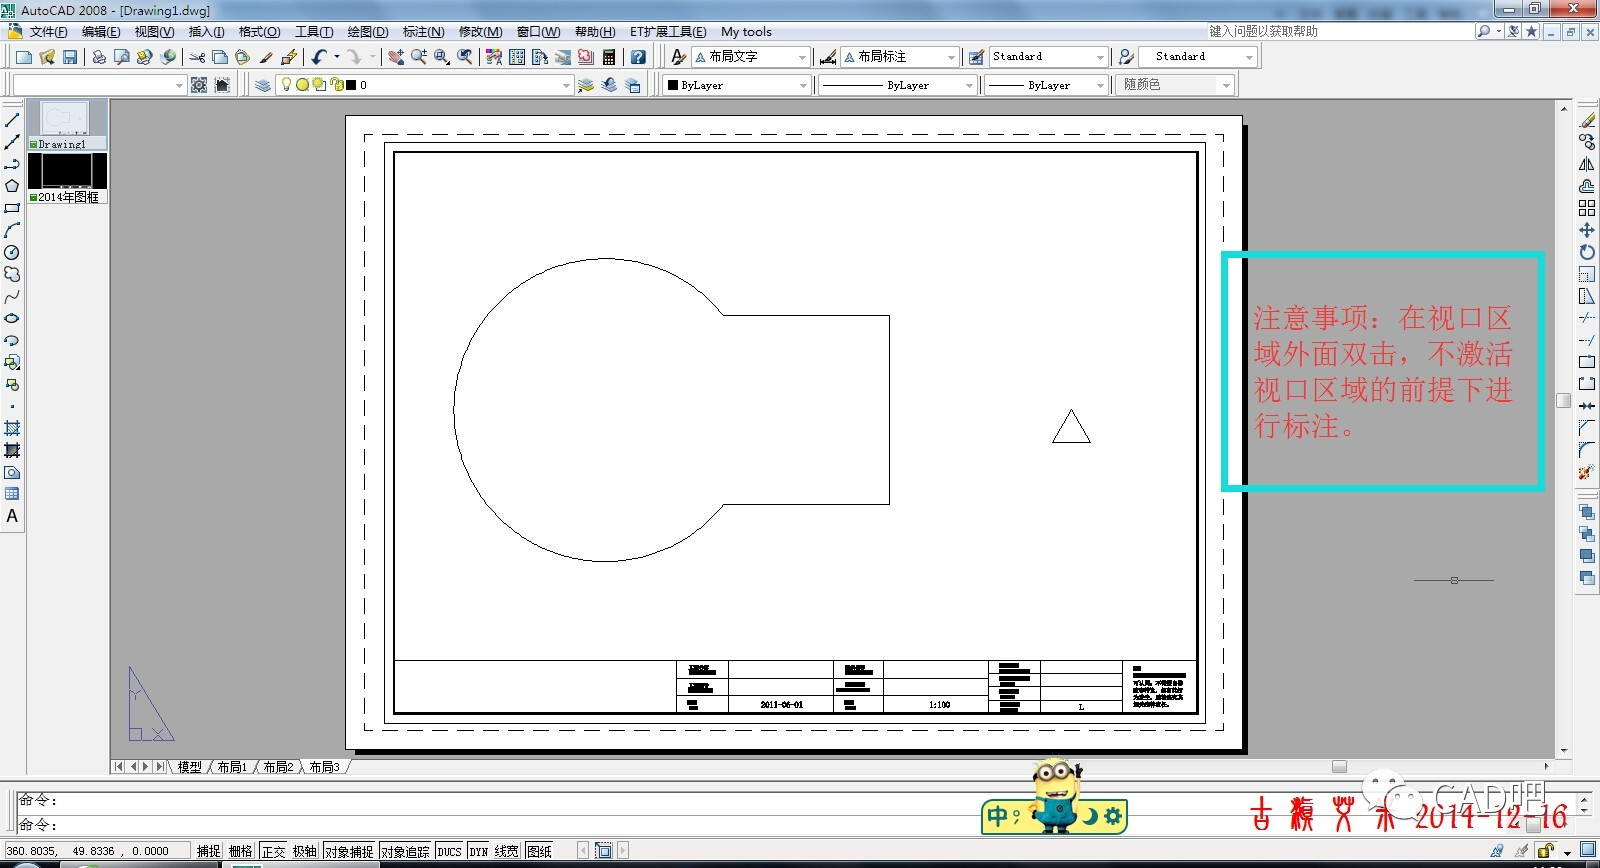 EPSON打印机设置自定义打印纸尺寸的方法.doc - 淘豆网